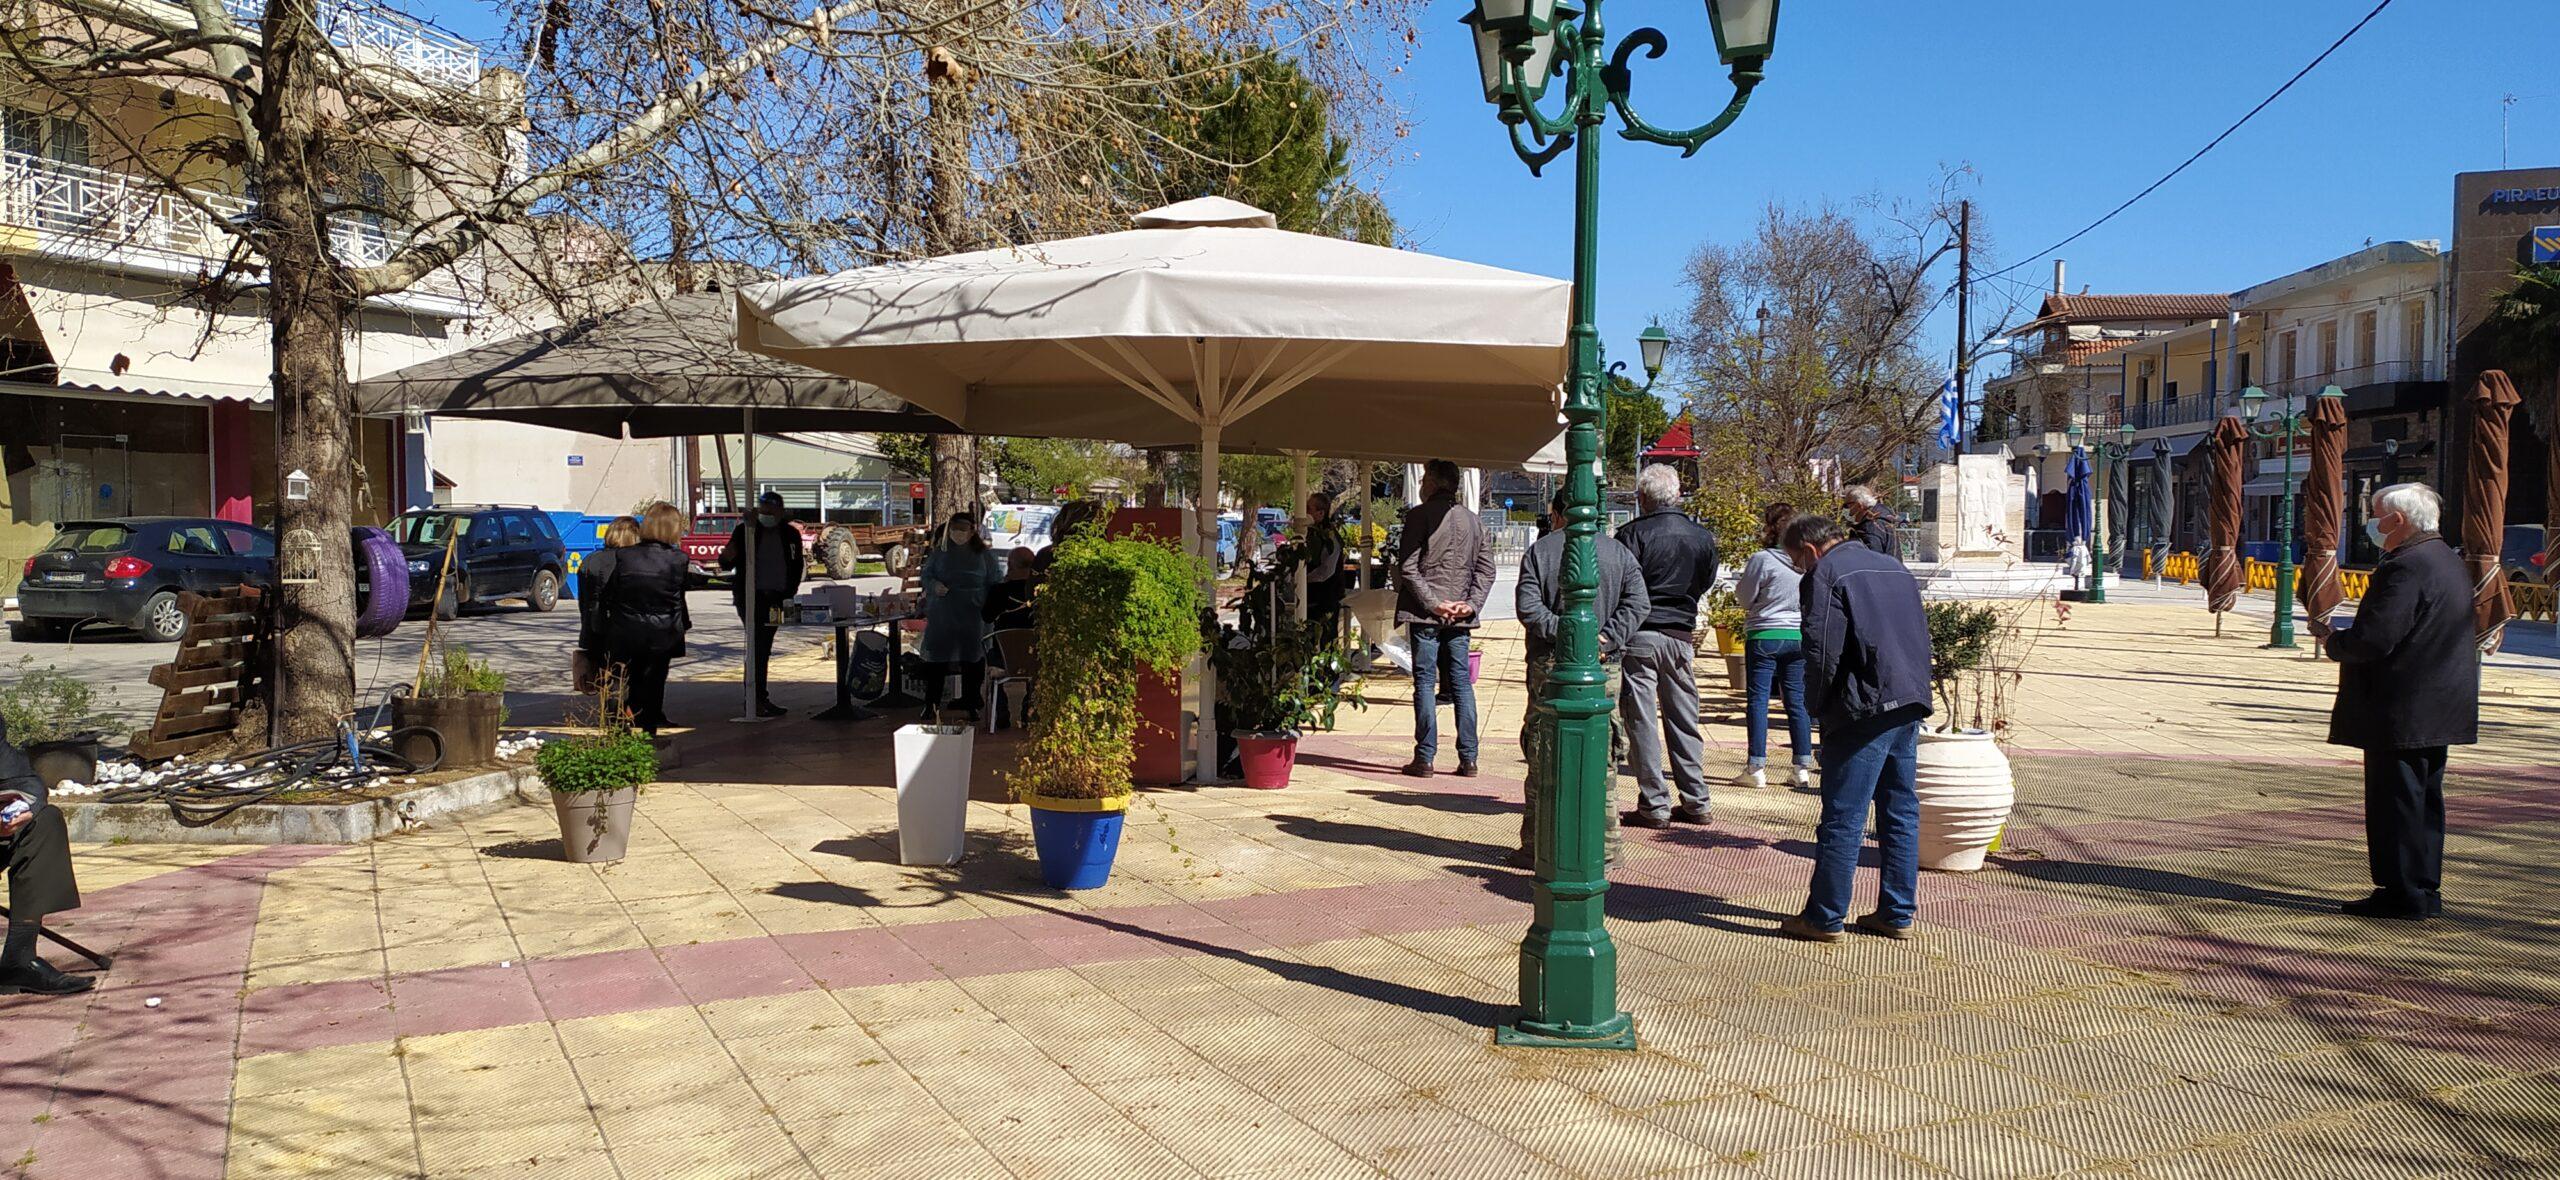 Κορονοϊός - Δήμος Ορχομενού  : Μαζικά δωρεάν rapid test για τον κορωνοϊό σε Ορχομενό και Καρυά την Κυριακή